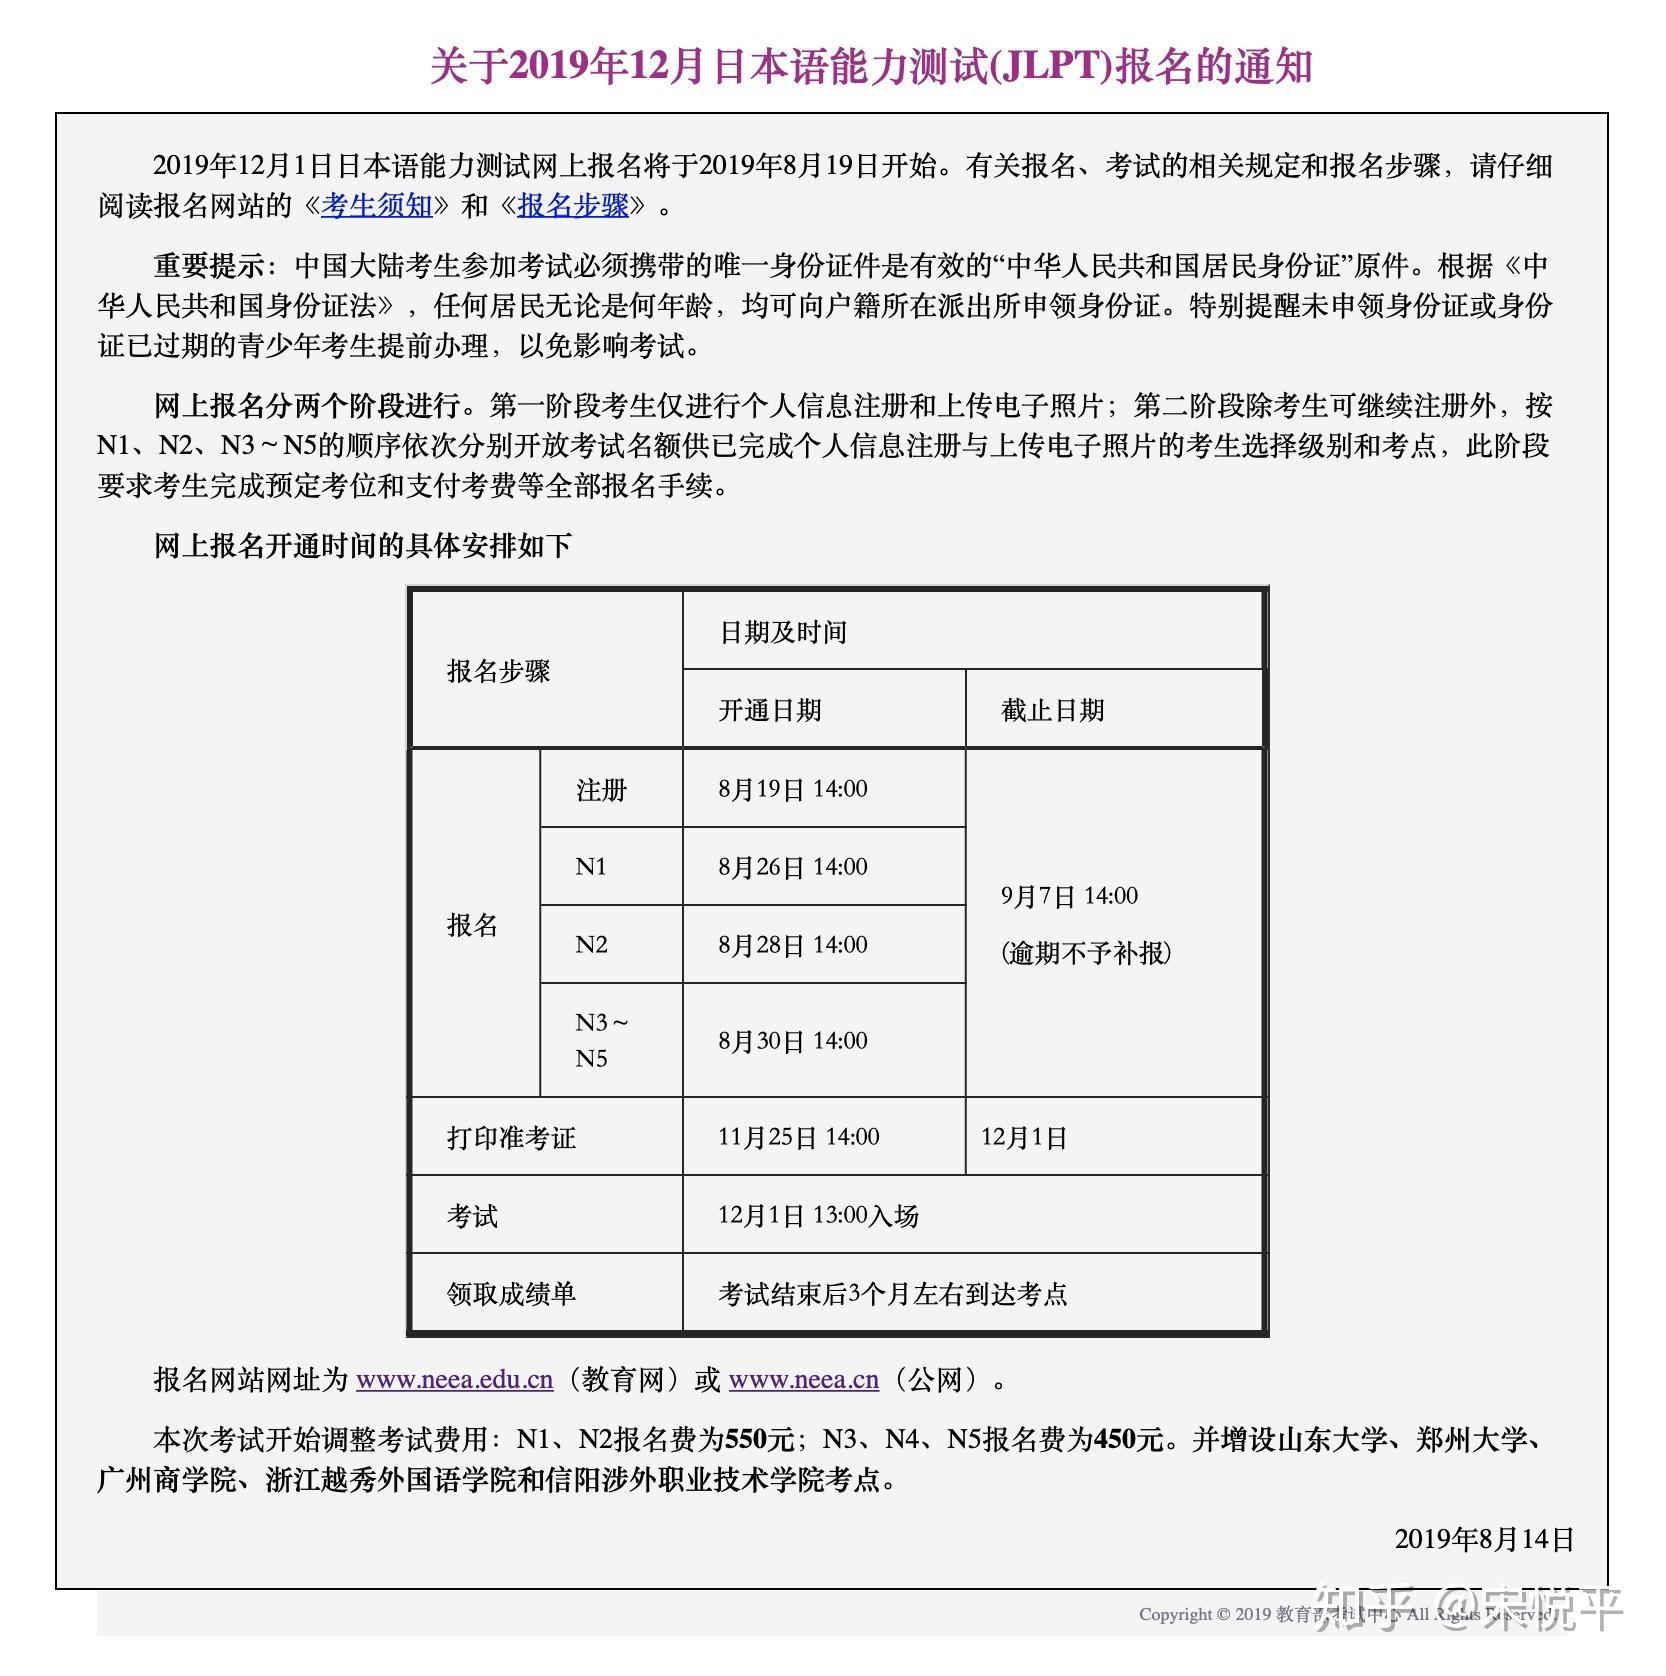 日语能力考报名费用_必看!2019年12月日语能力考试将开始注册,N1N2考试涨价! - 知乎